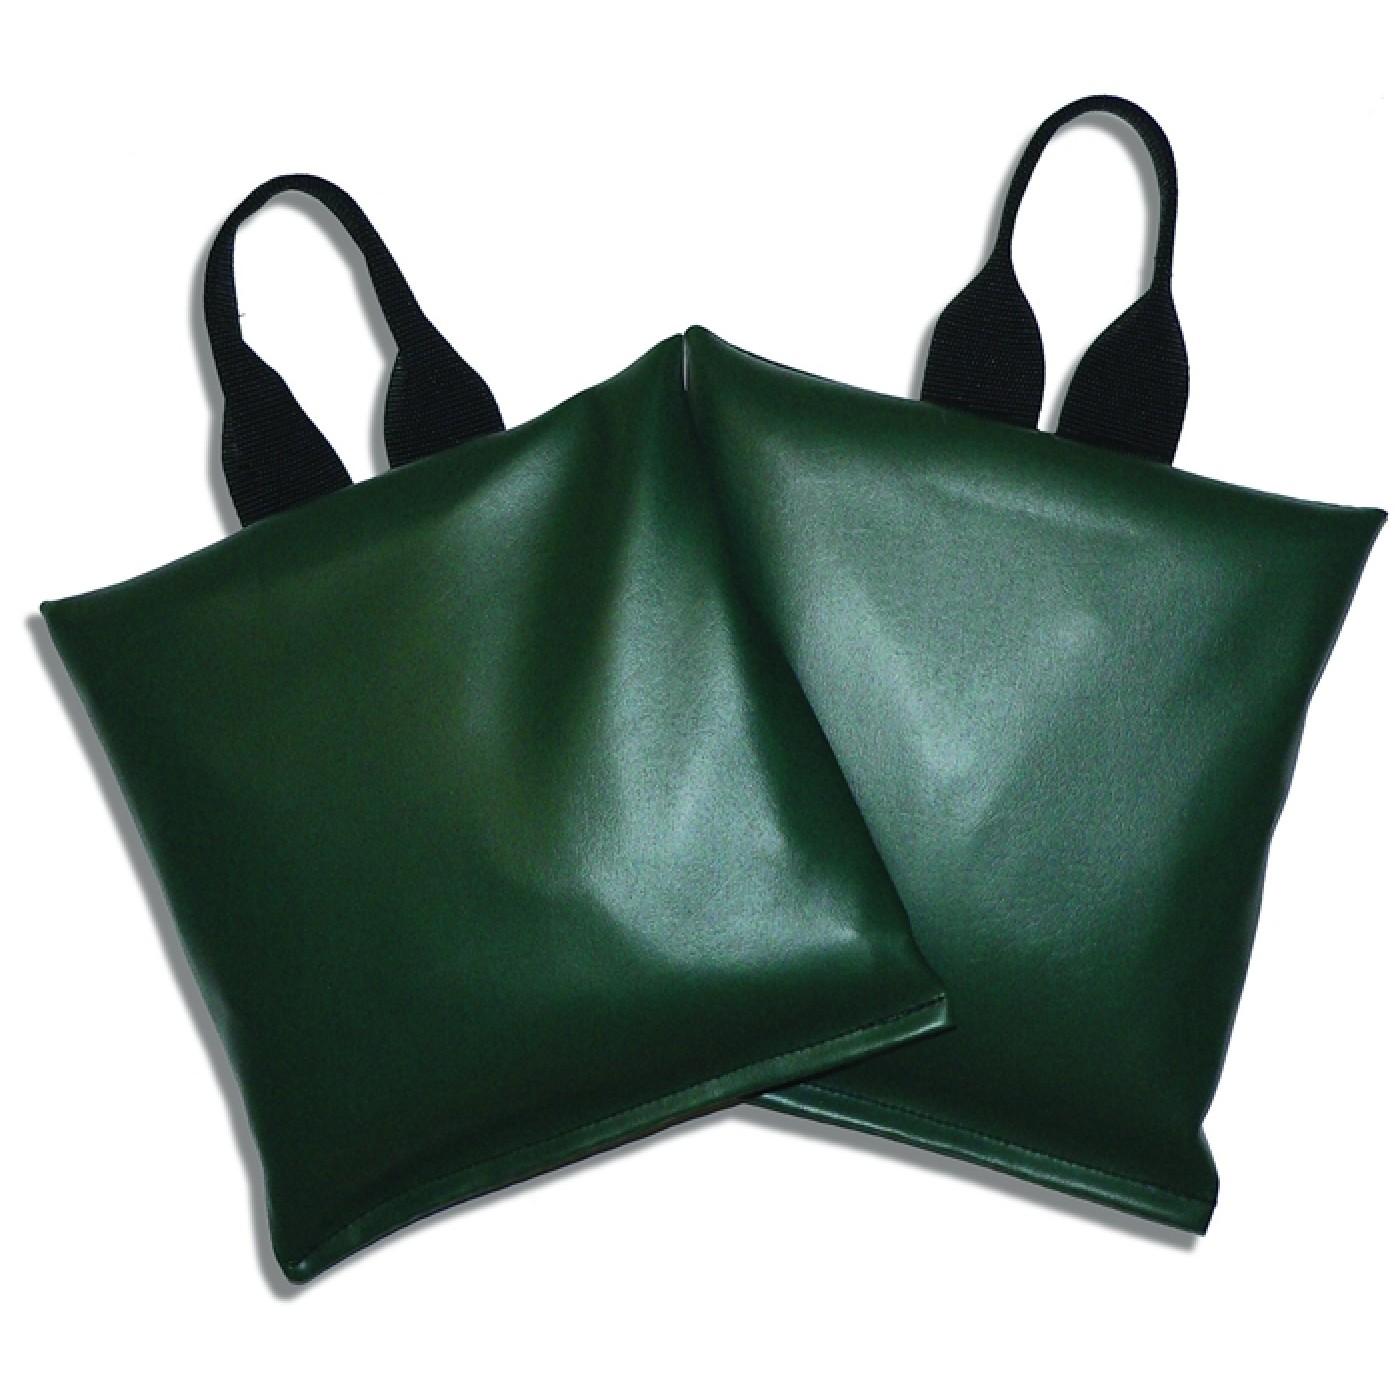 10 Lb Cervical Sandbag Set Cmx Medical Imaging